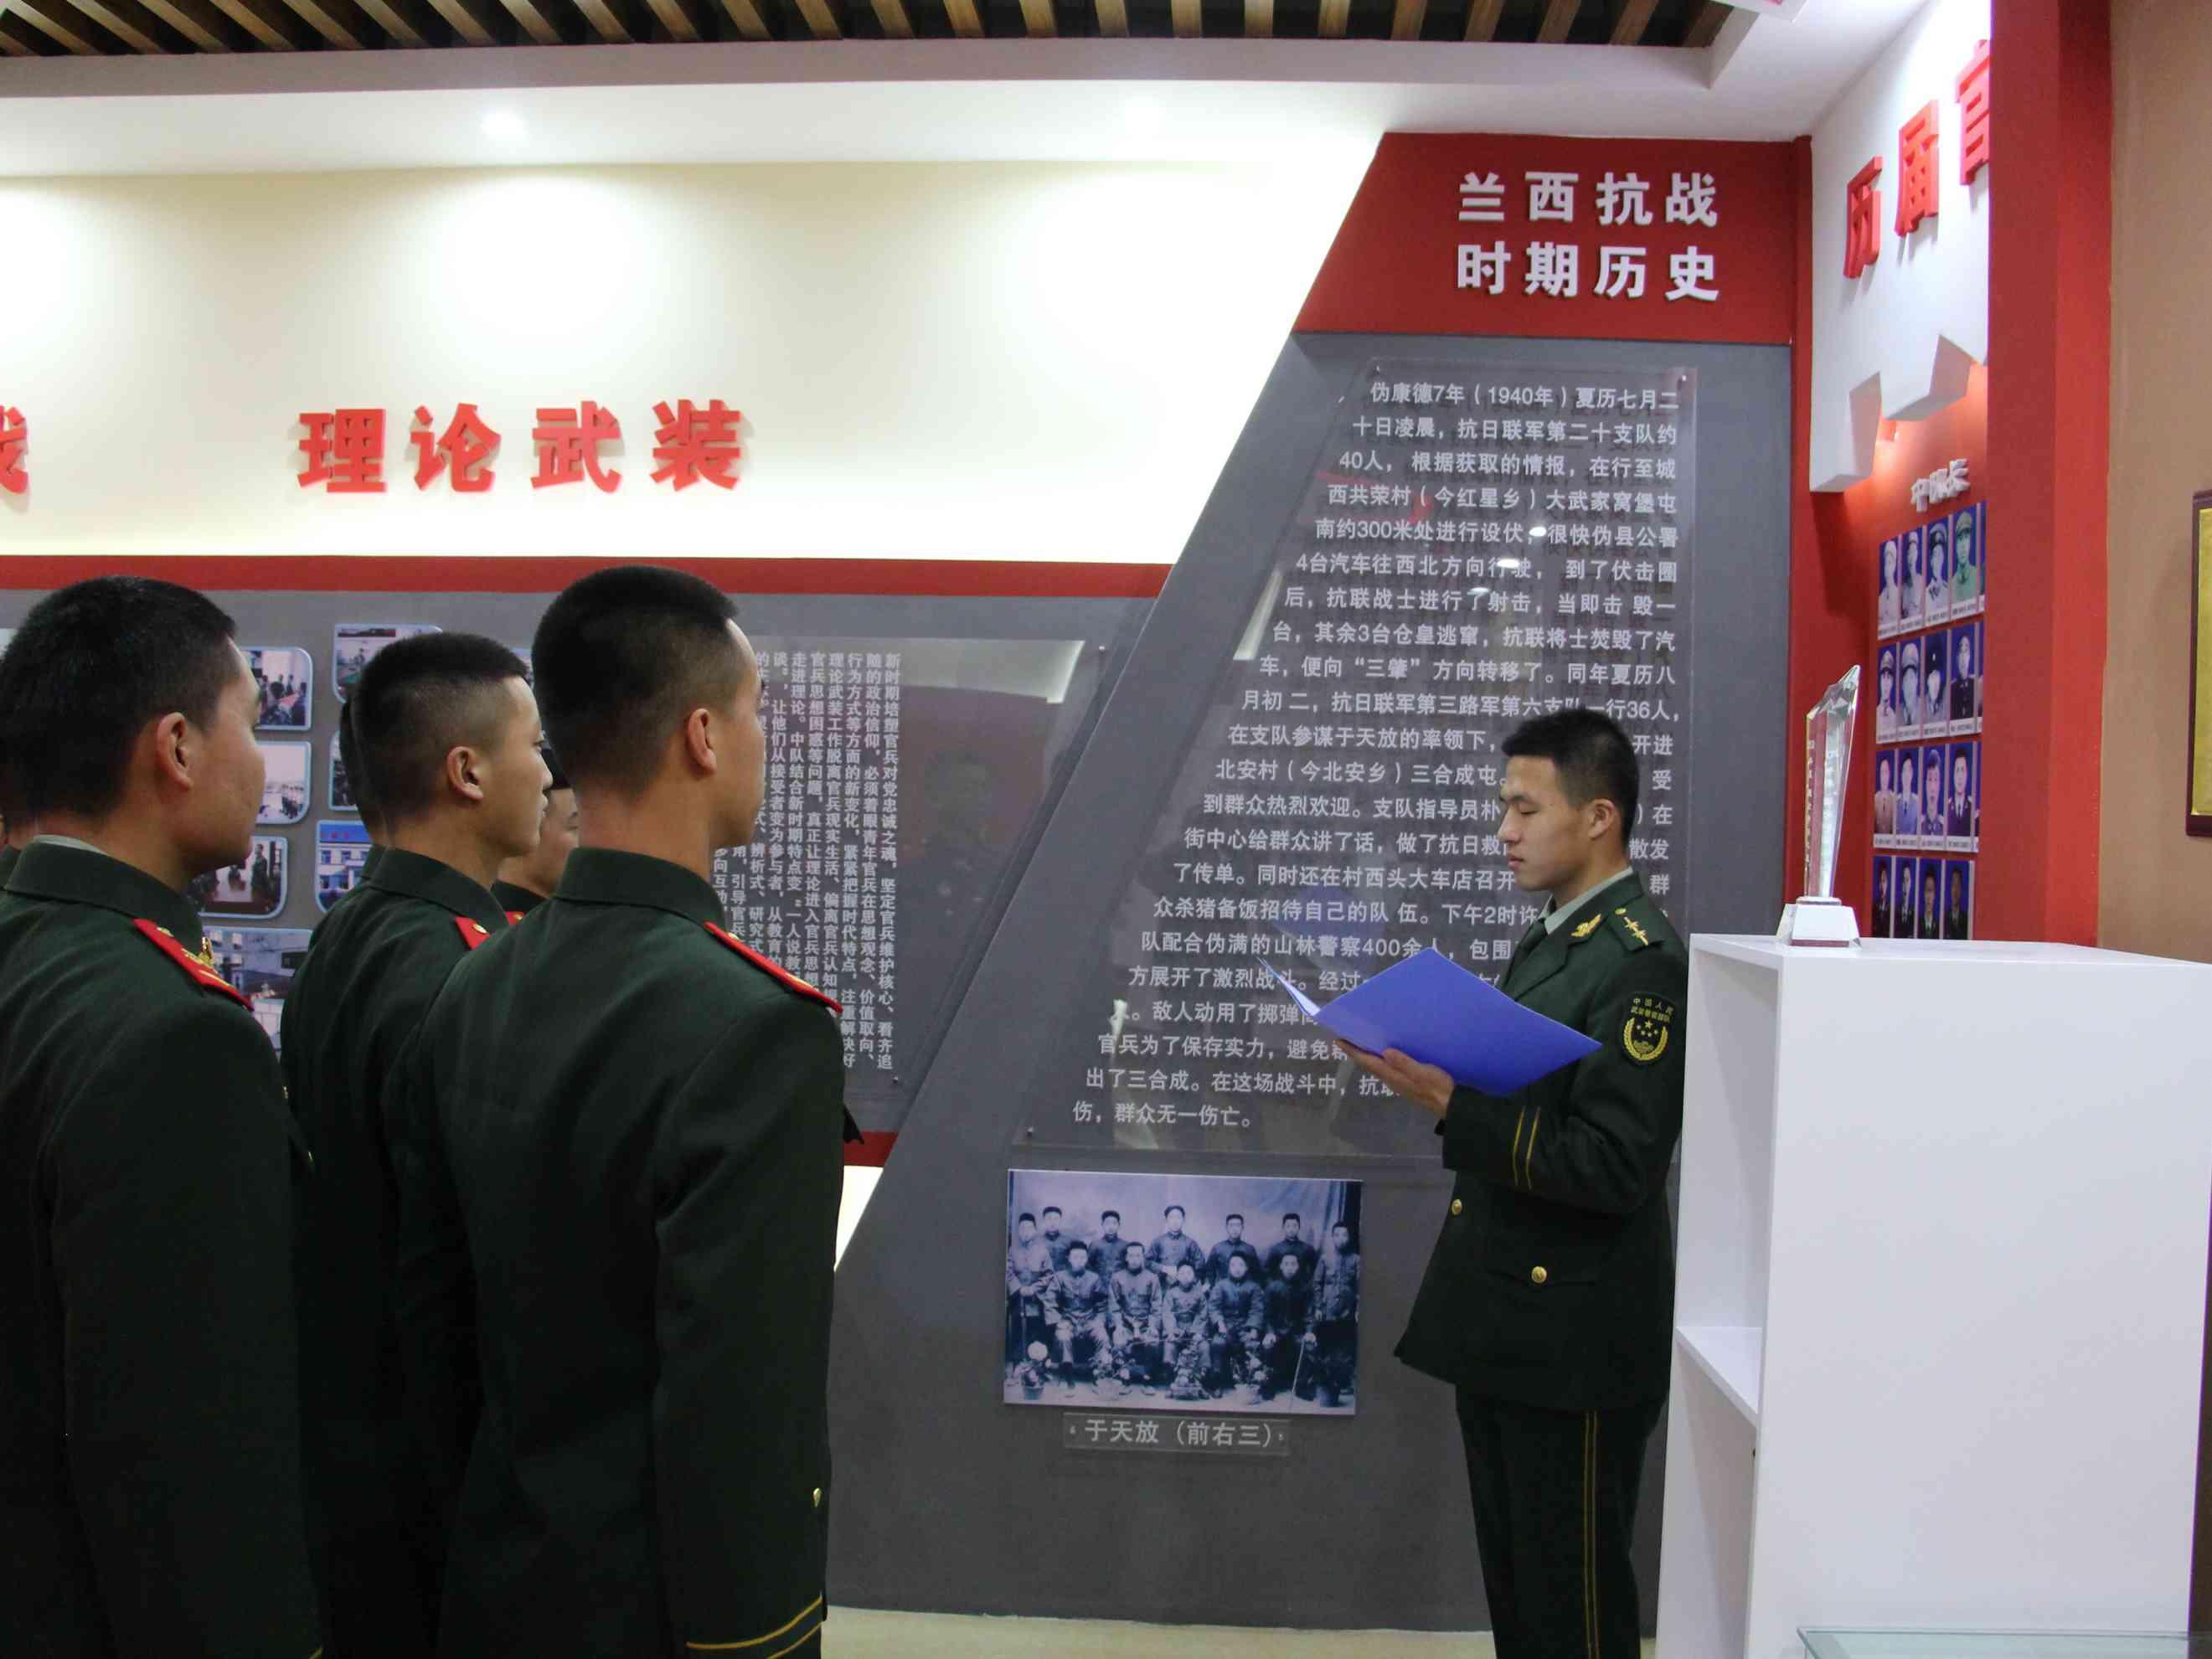 国家公祭日,中国官兵这样纪念……